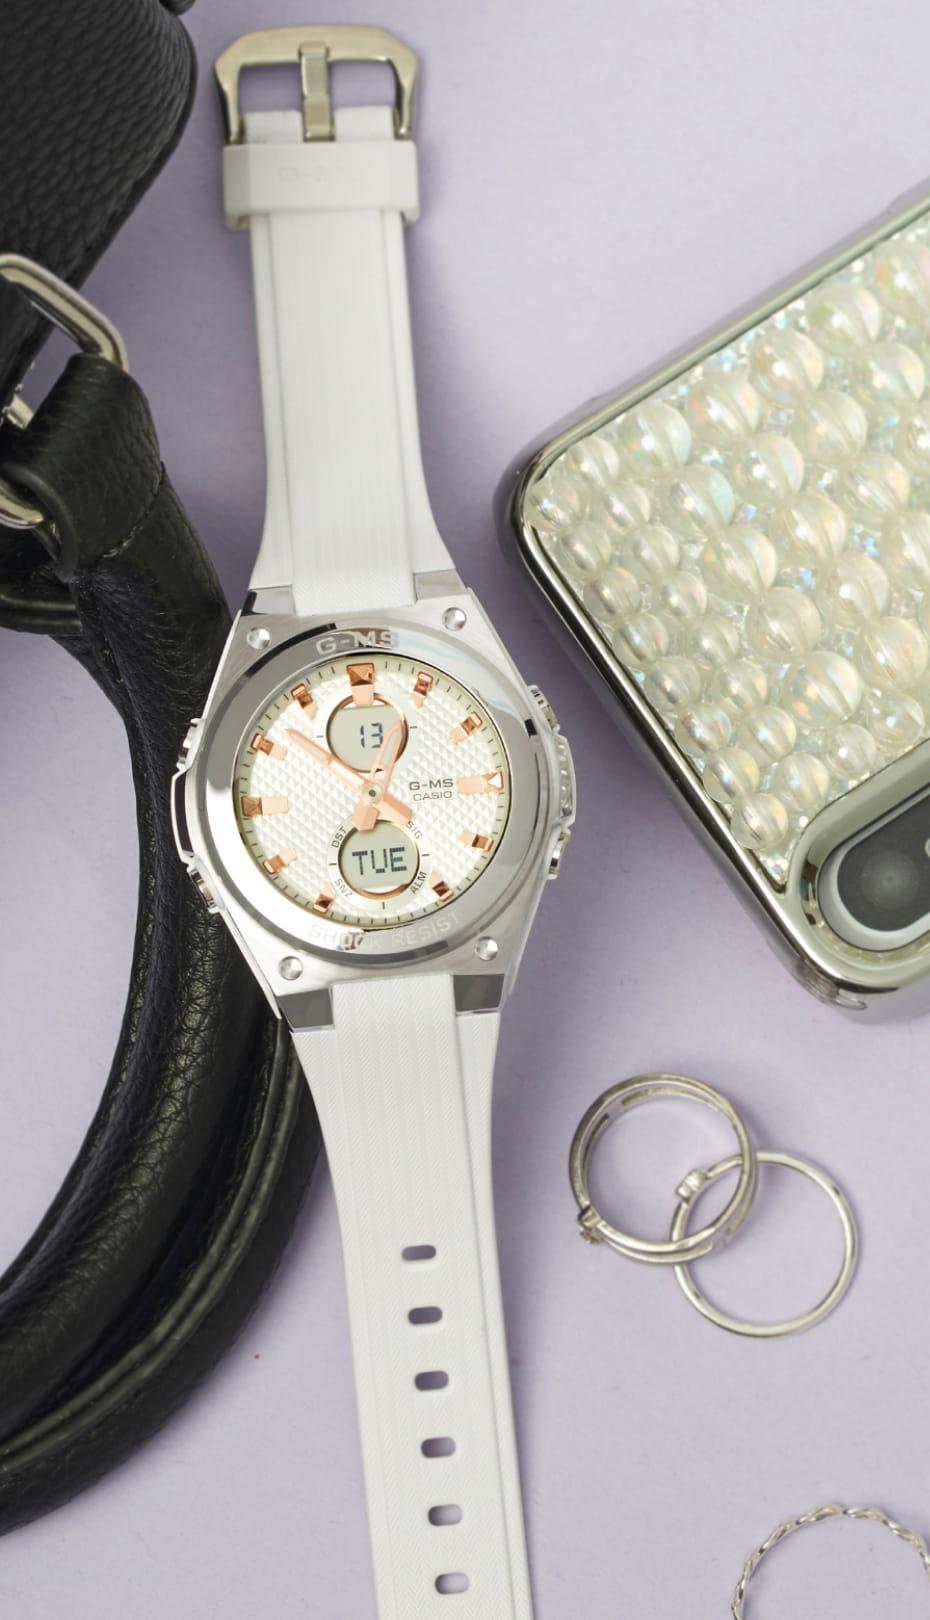 reloj blanco Baby G de CASIO entre anillos, móvil y bolso